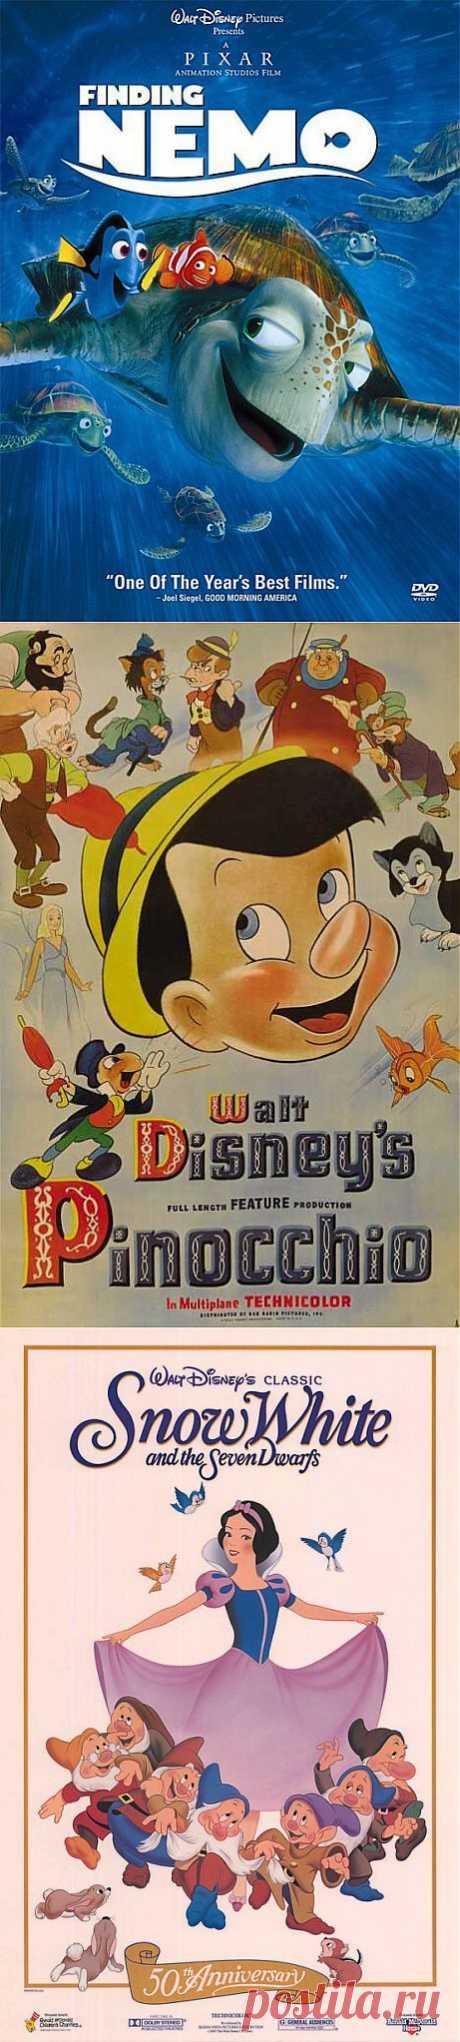 Лучшие американские мультфильмы. Топ-10 по версии American Film Institute